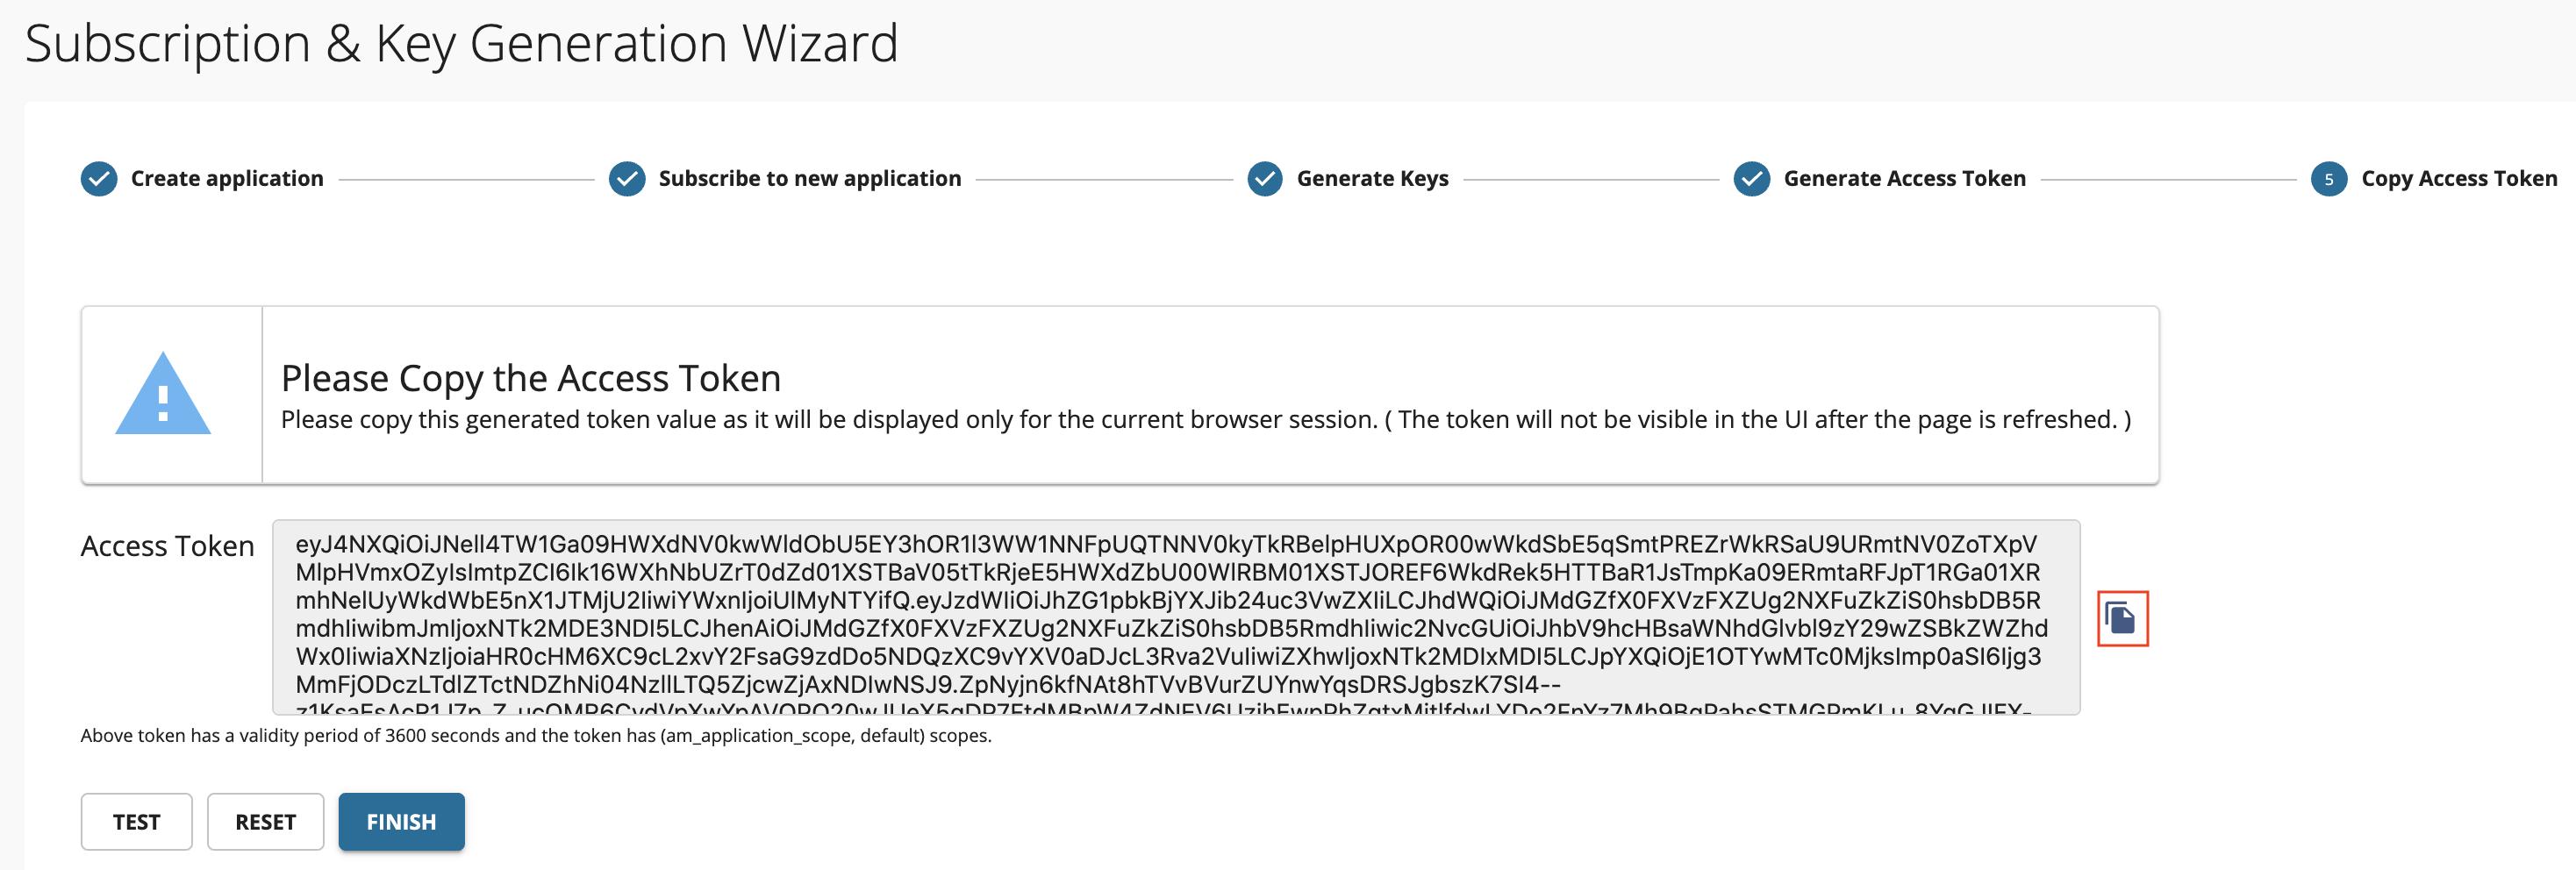 Wizard - Copy Access Token